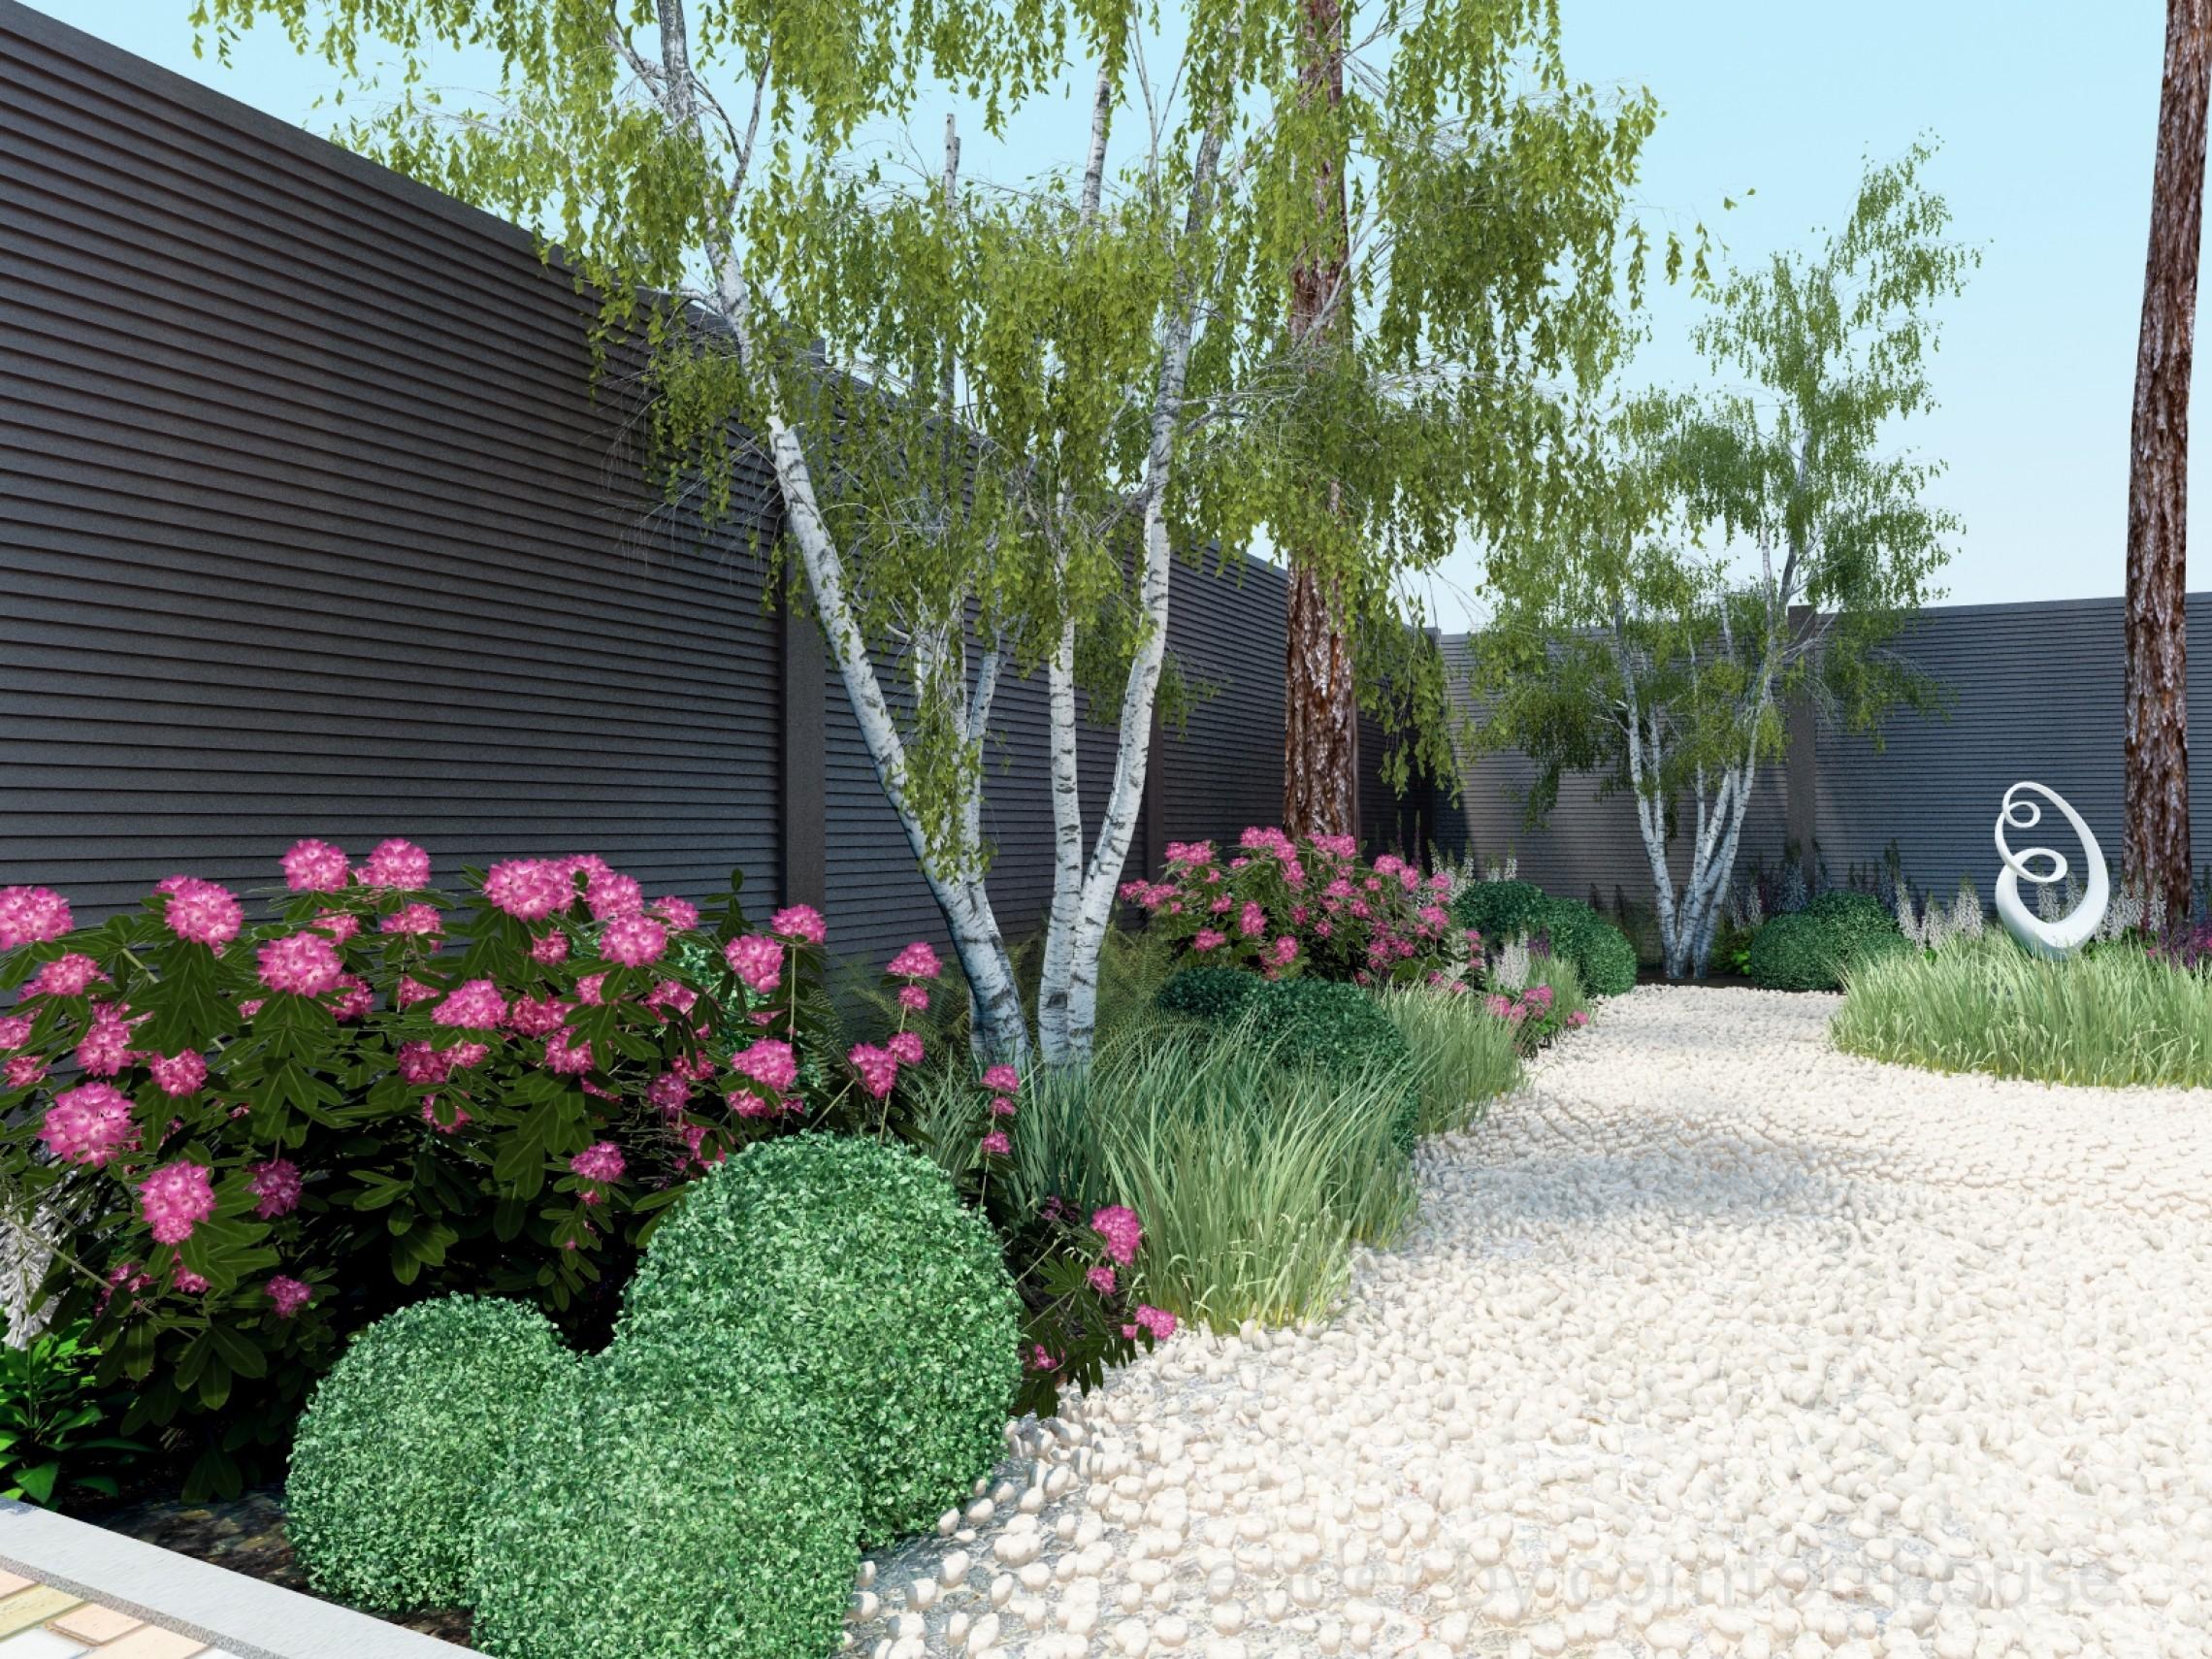 3d render landscaping